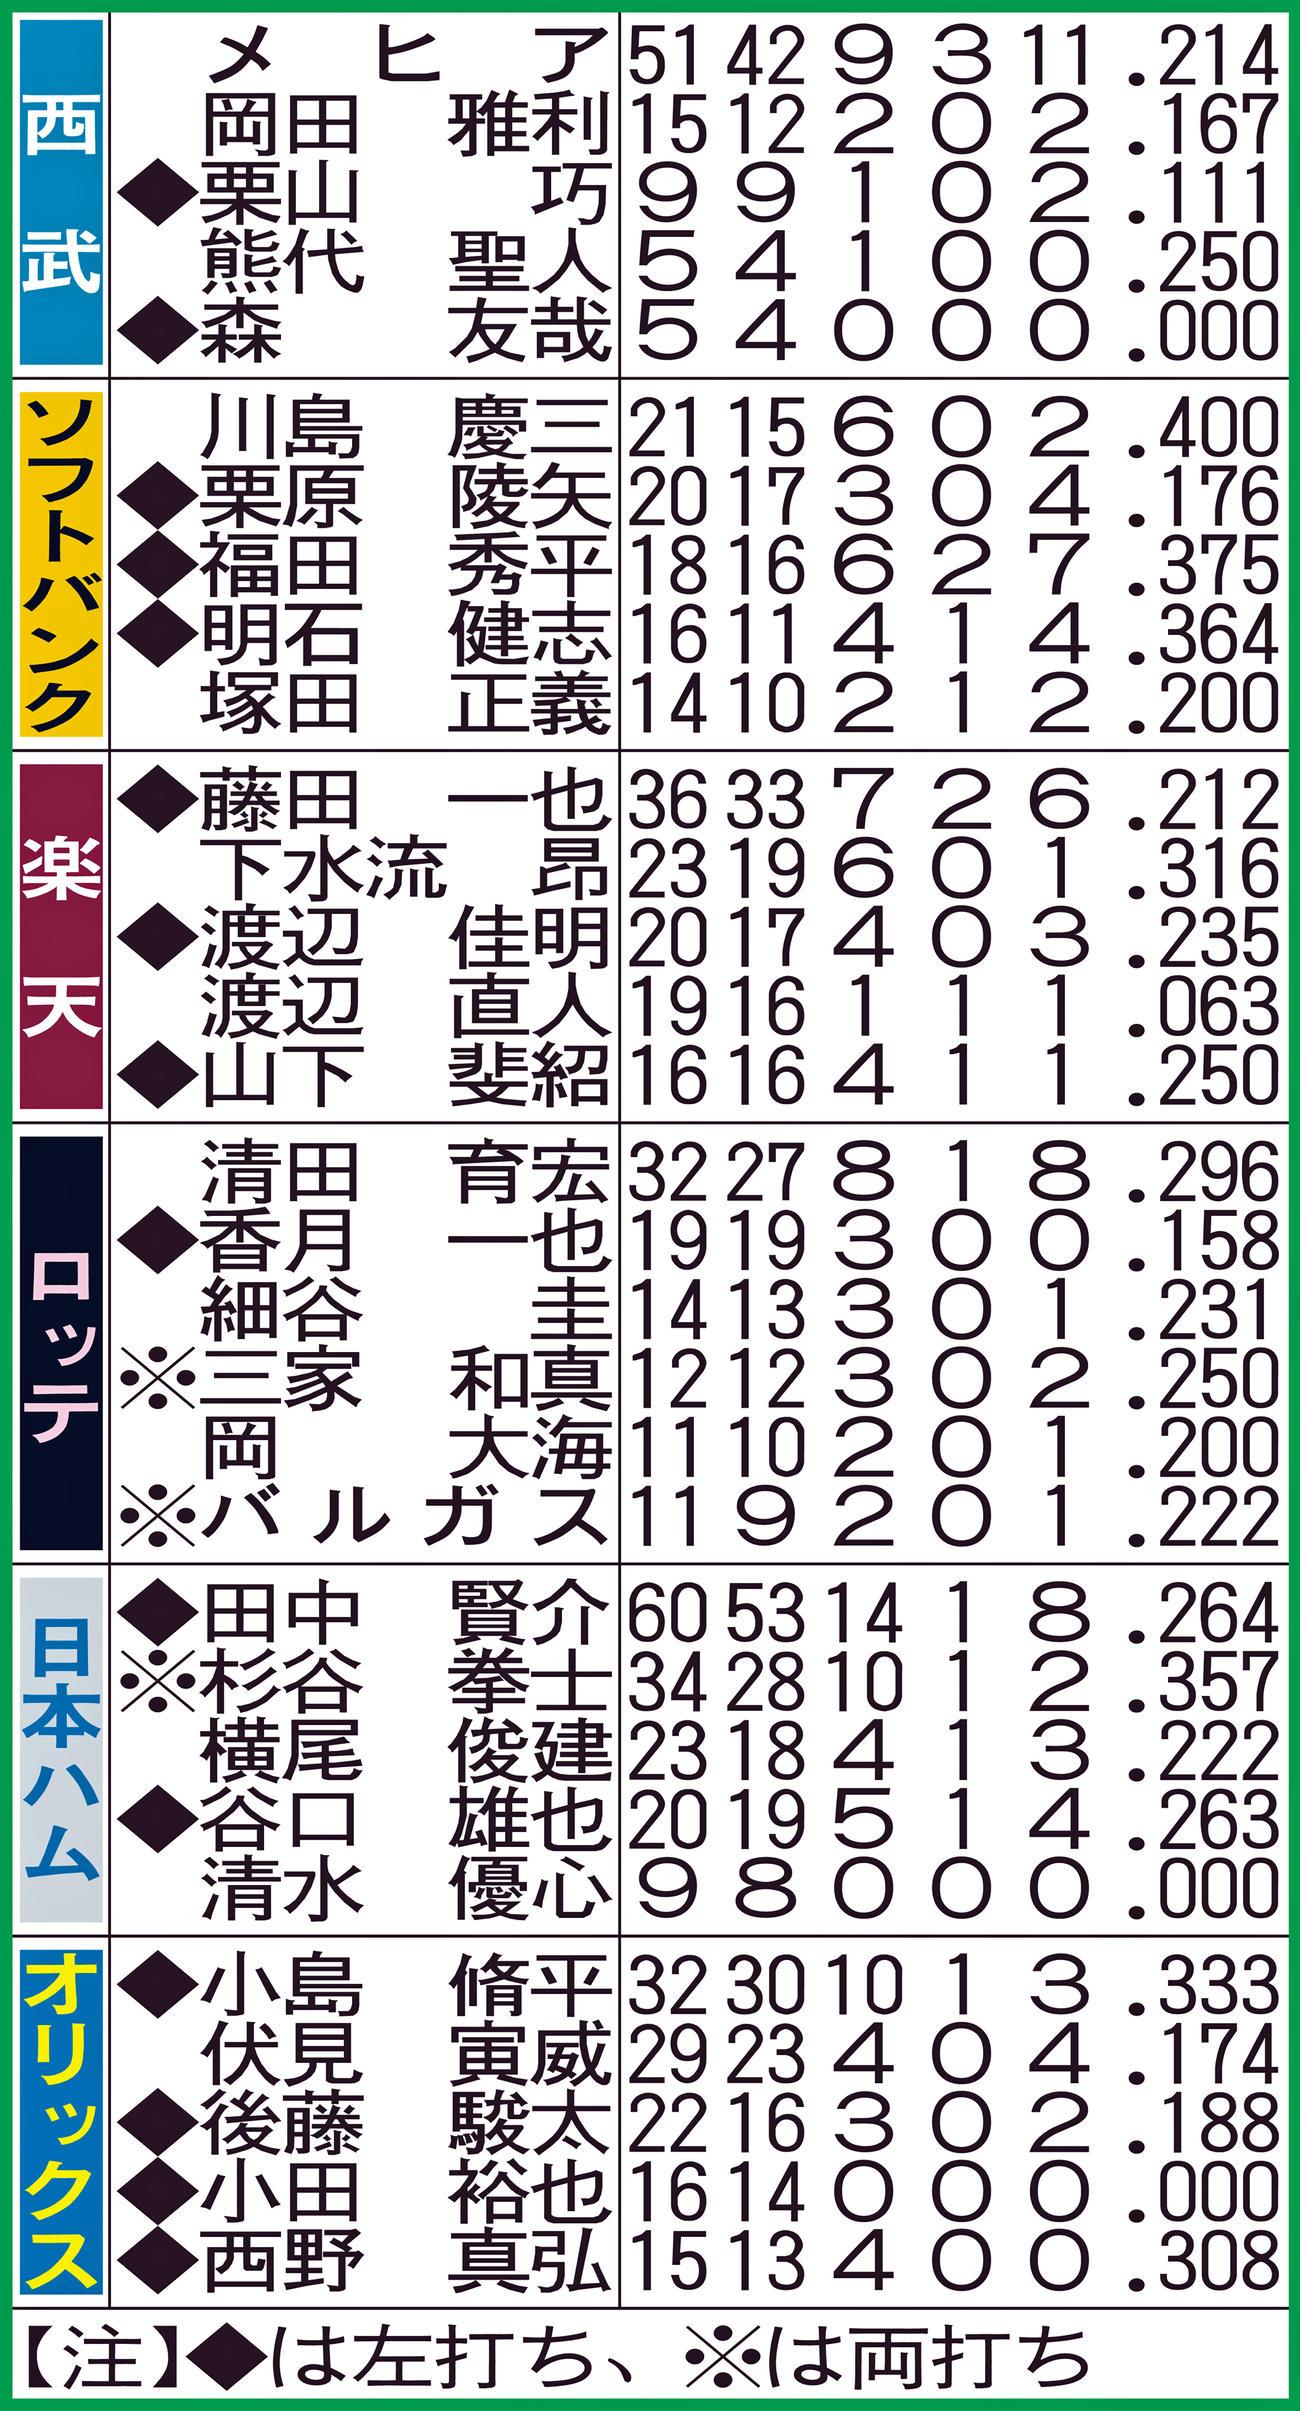 数字は左から、起用回数、打数、安打、本塁打、打点、打率(球団別上位)